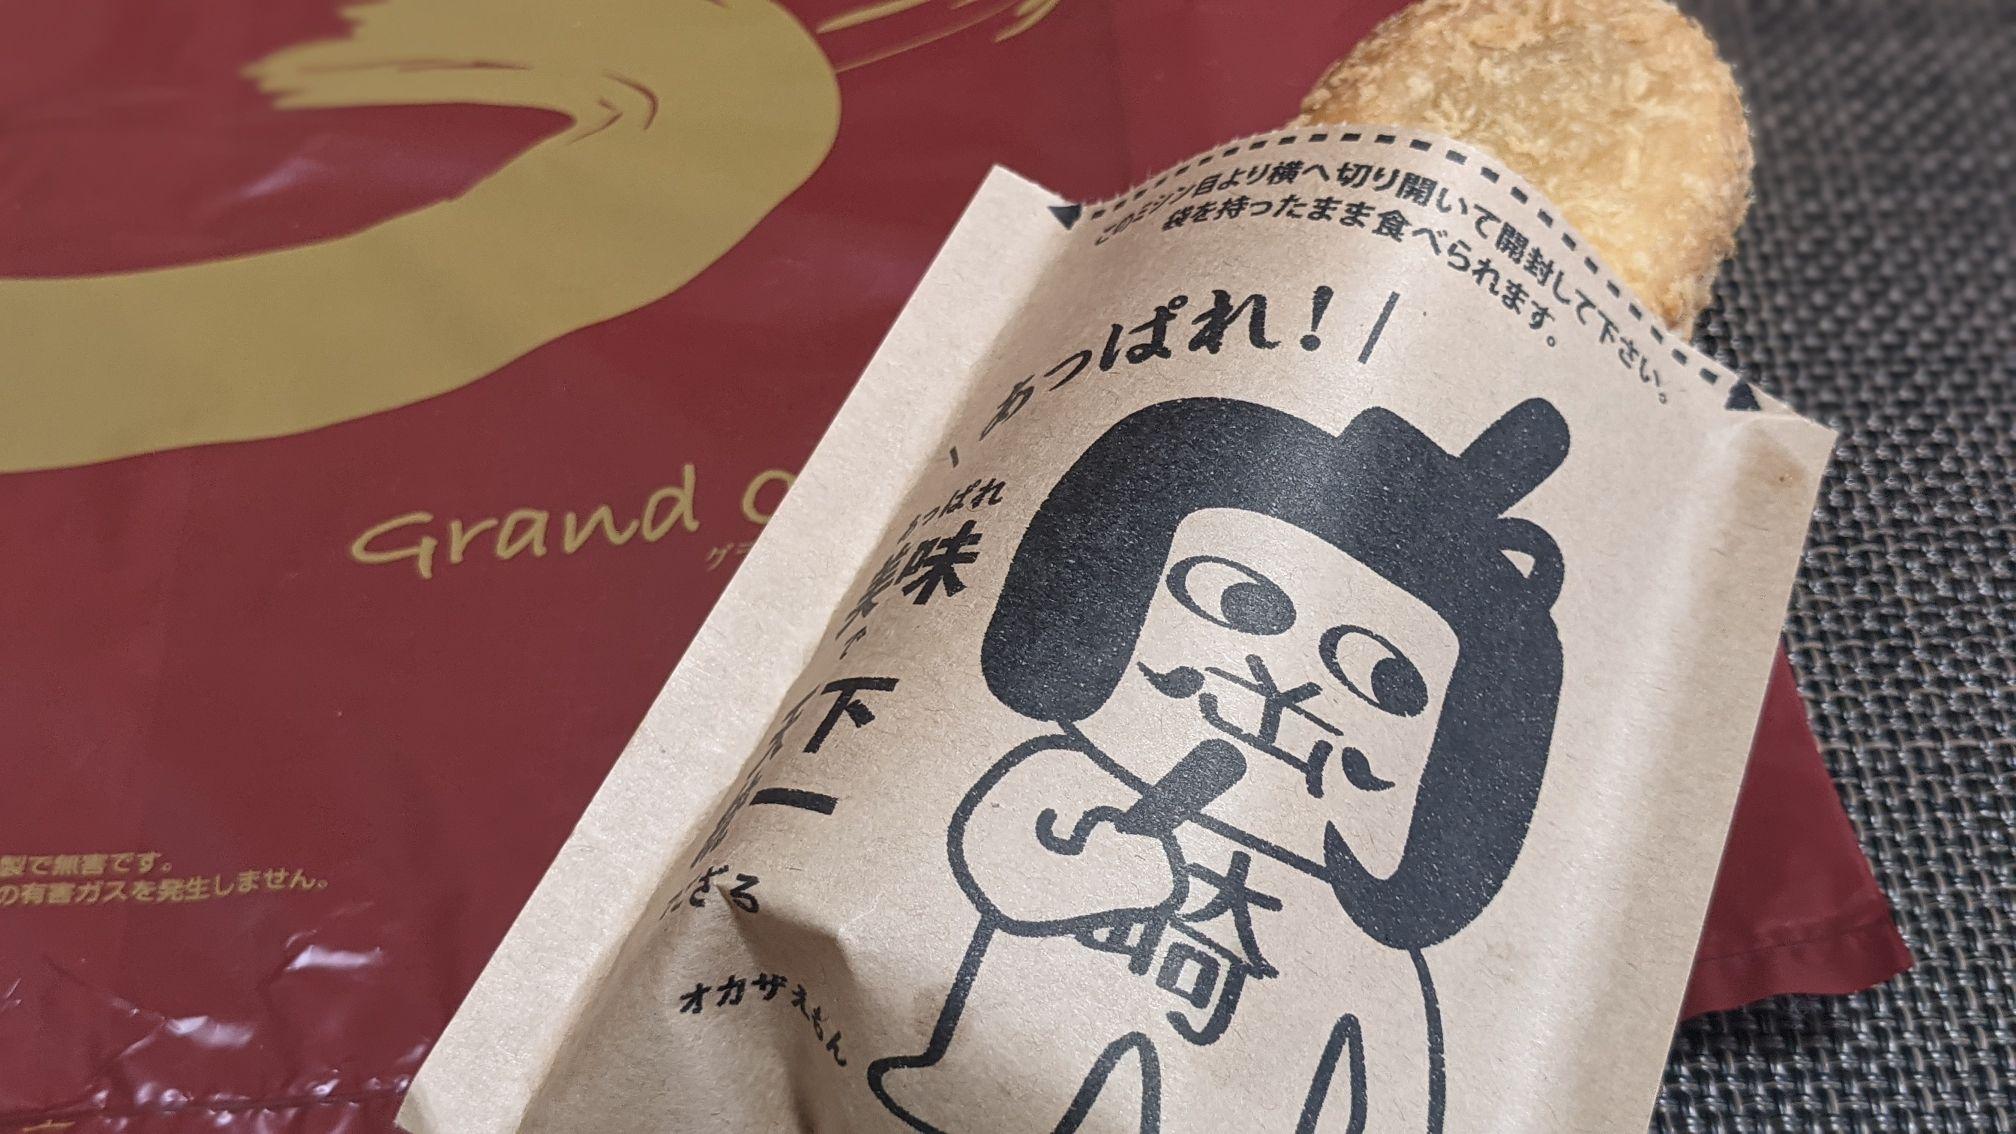 石窯パン工房グランクレールの岡崎カレーパン